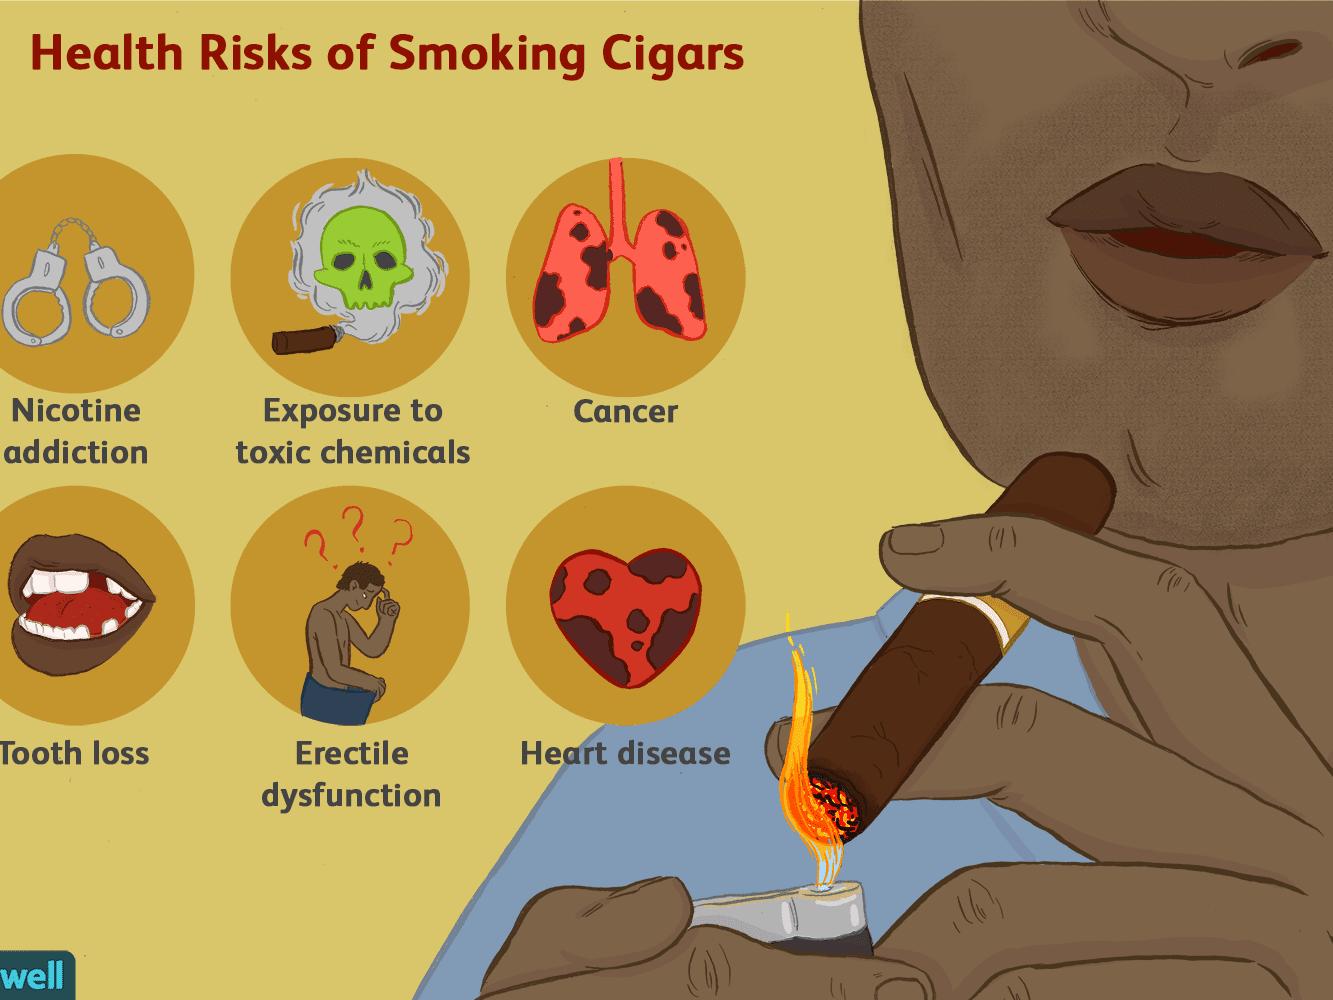 استعمال دخانیت سبب سرطان دهان می باشد